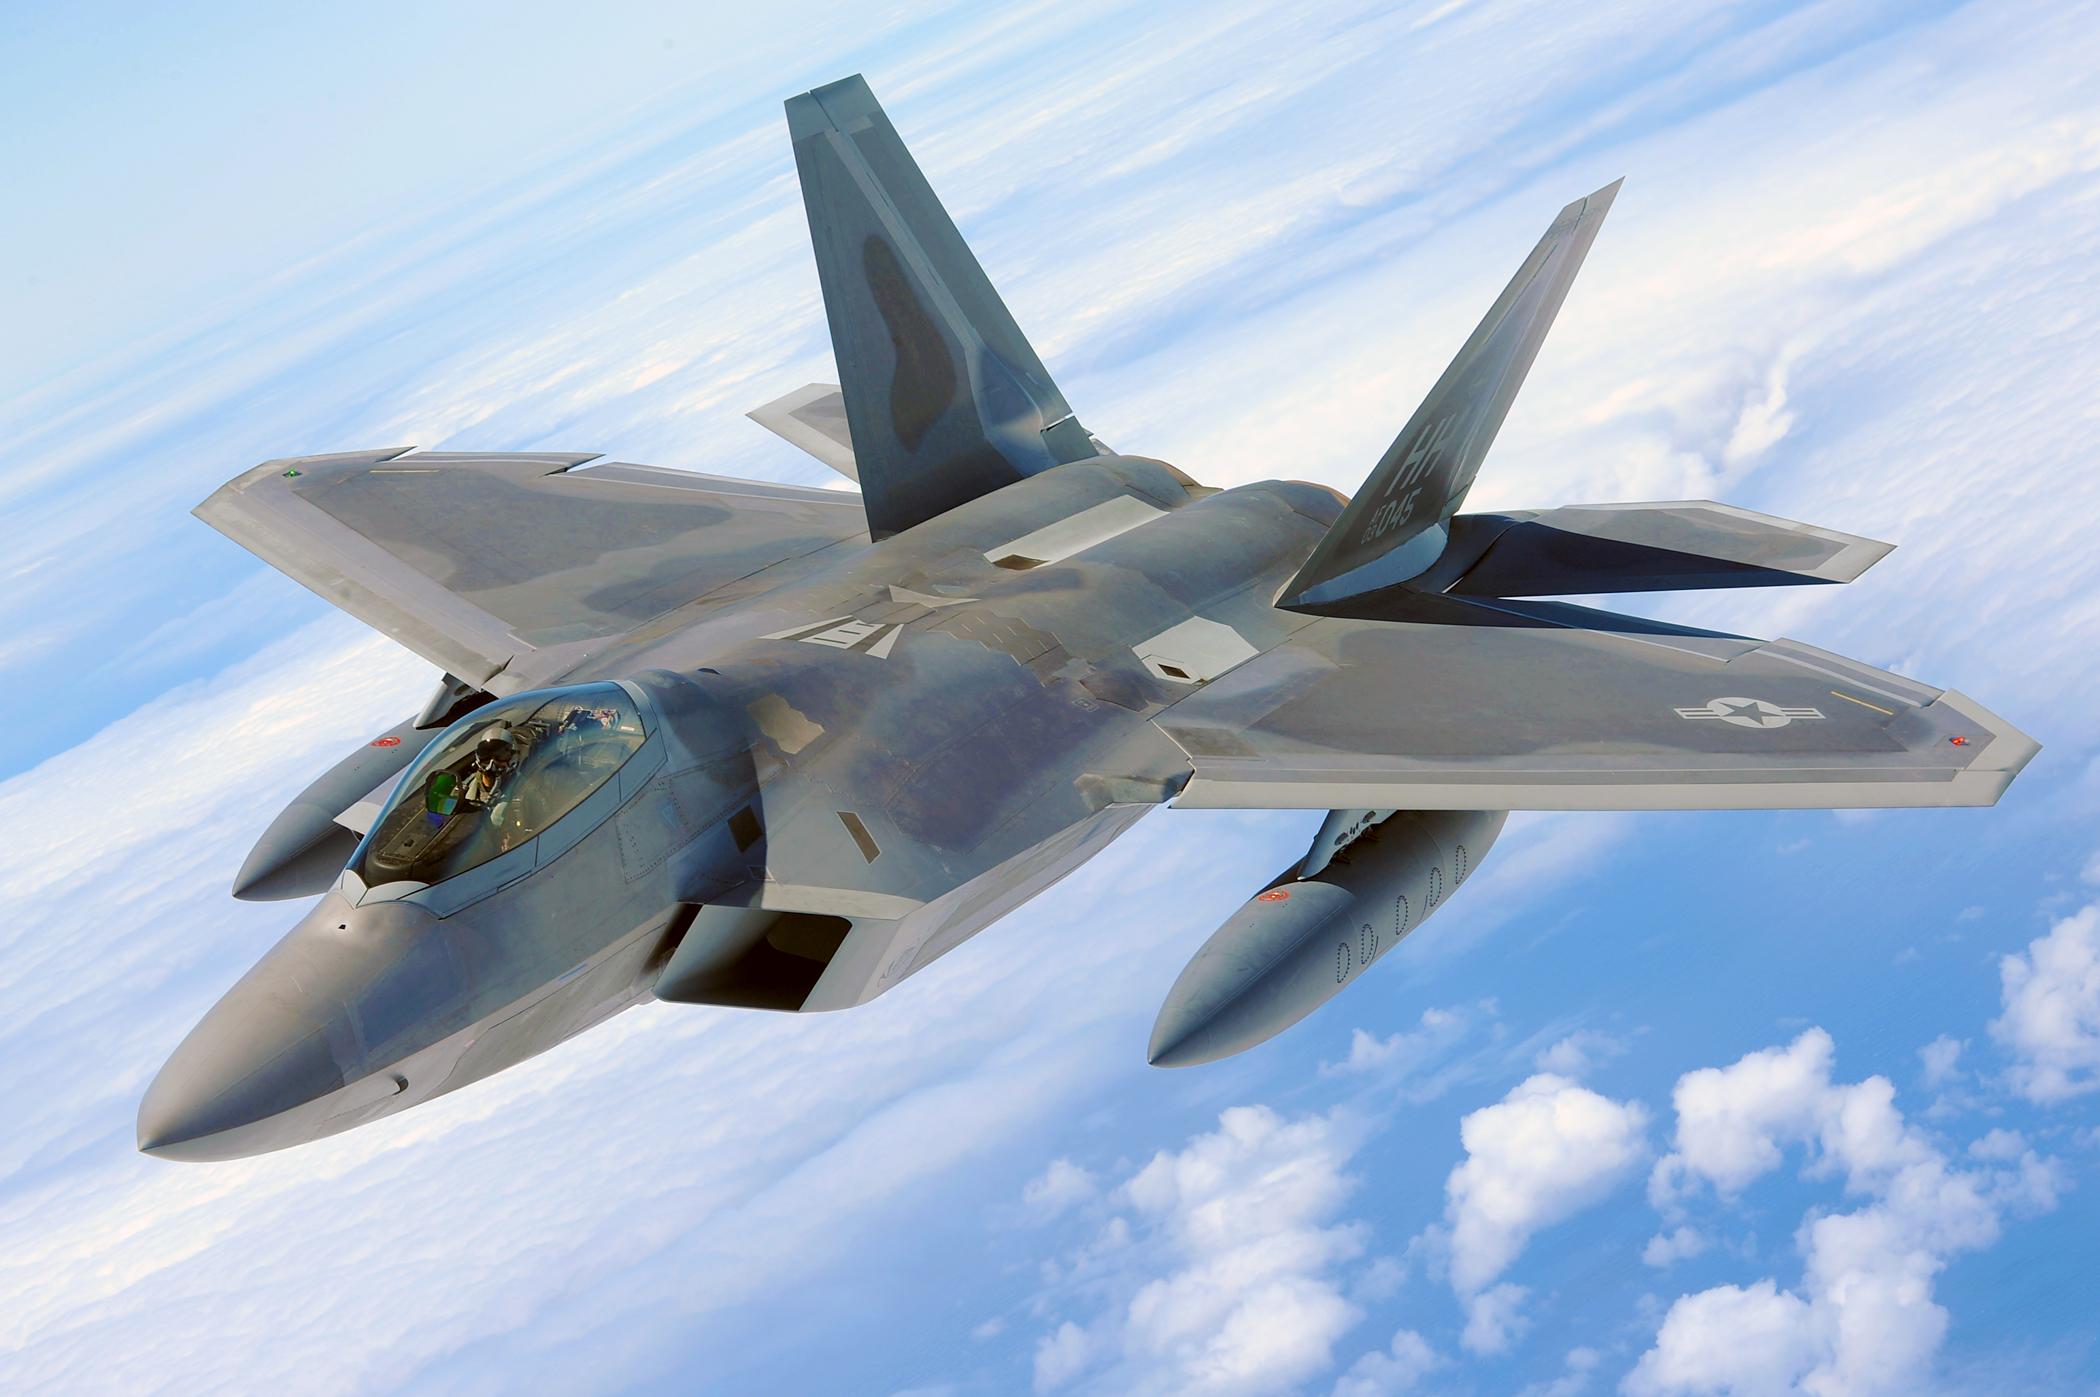 بالصور افضل 10 طائرات مقاتلة في العالم 290